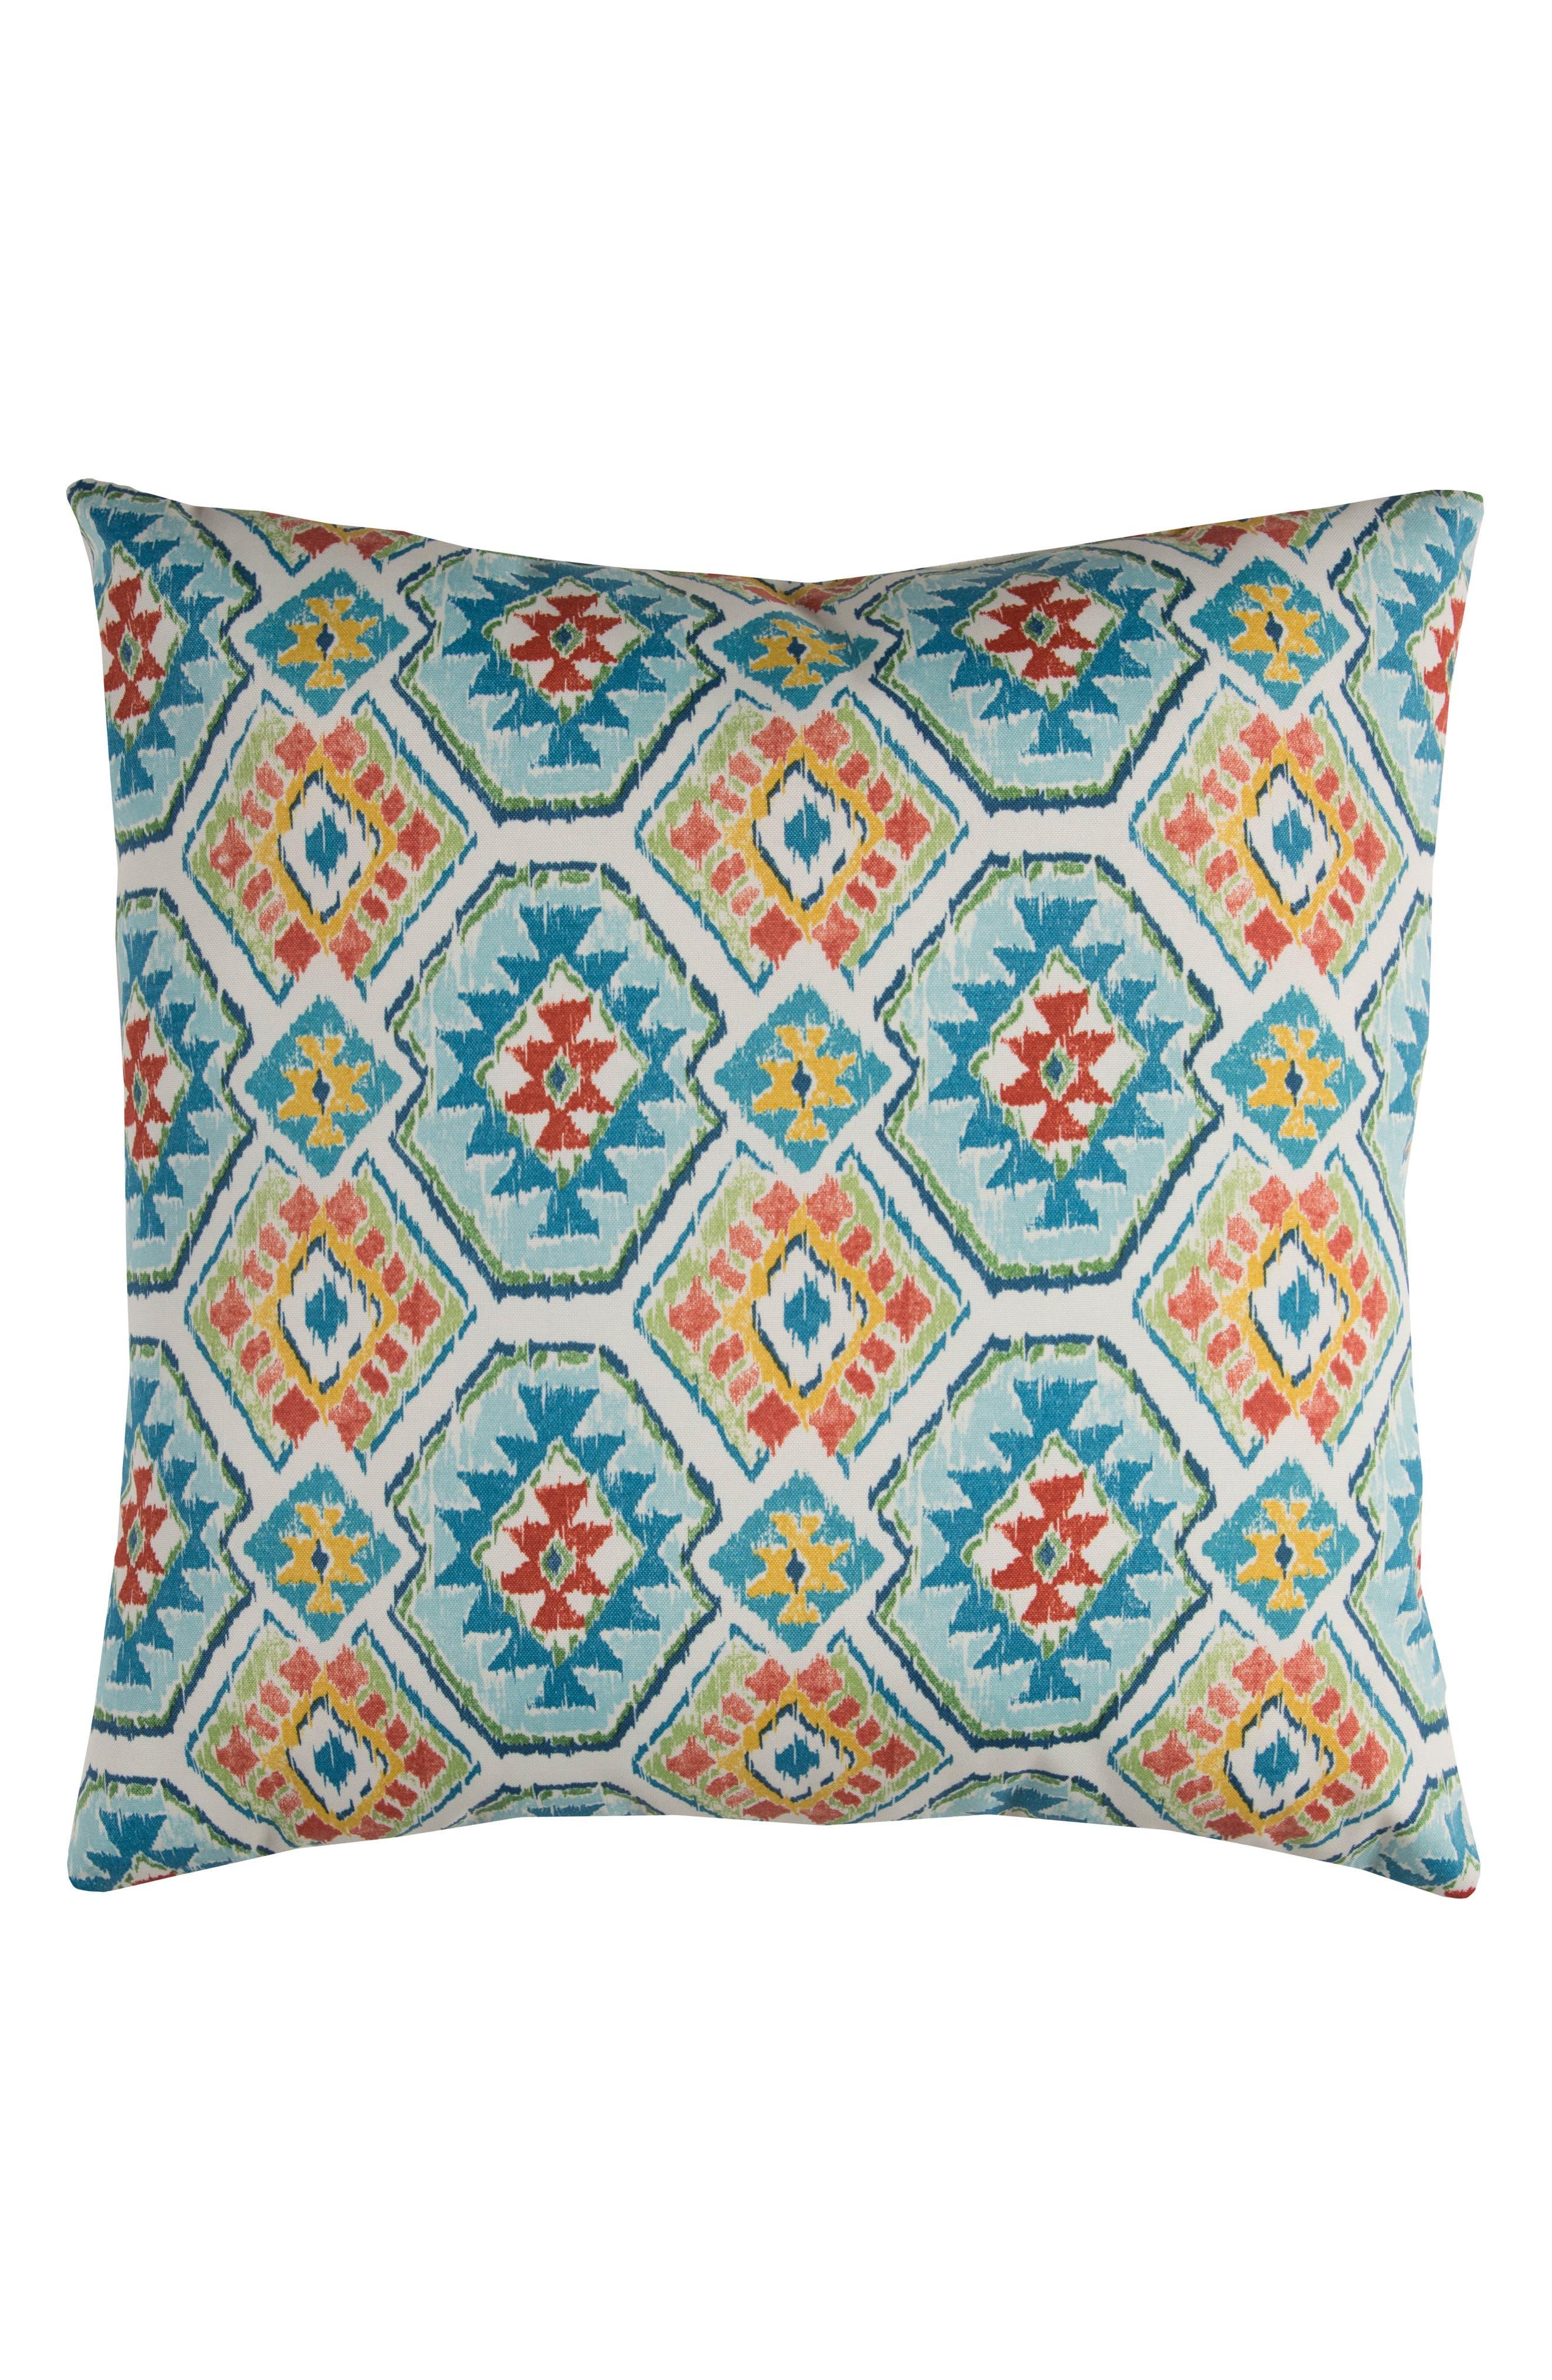 Chevron Outdoor Pillow,                             Main thumbnail 1, color,                             Blue